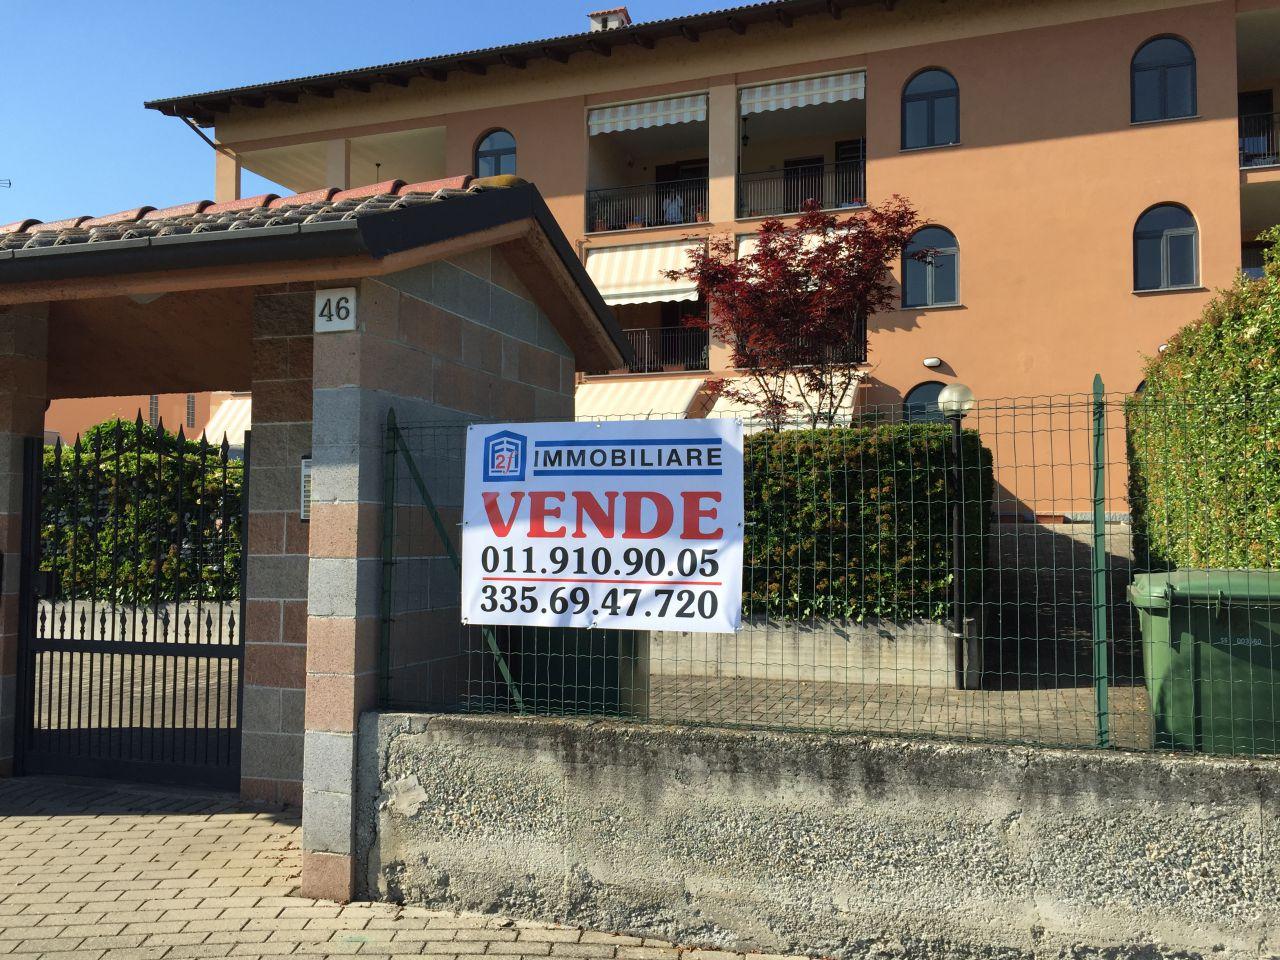 Appartamento in vendita a Crescentino, 4 locali, Trattative riservate | Cambio Casa.it